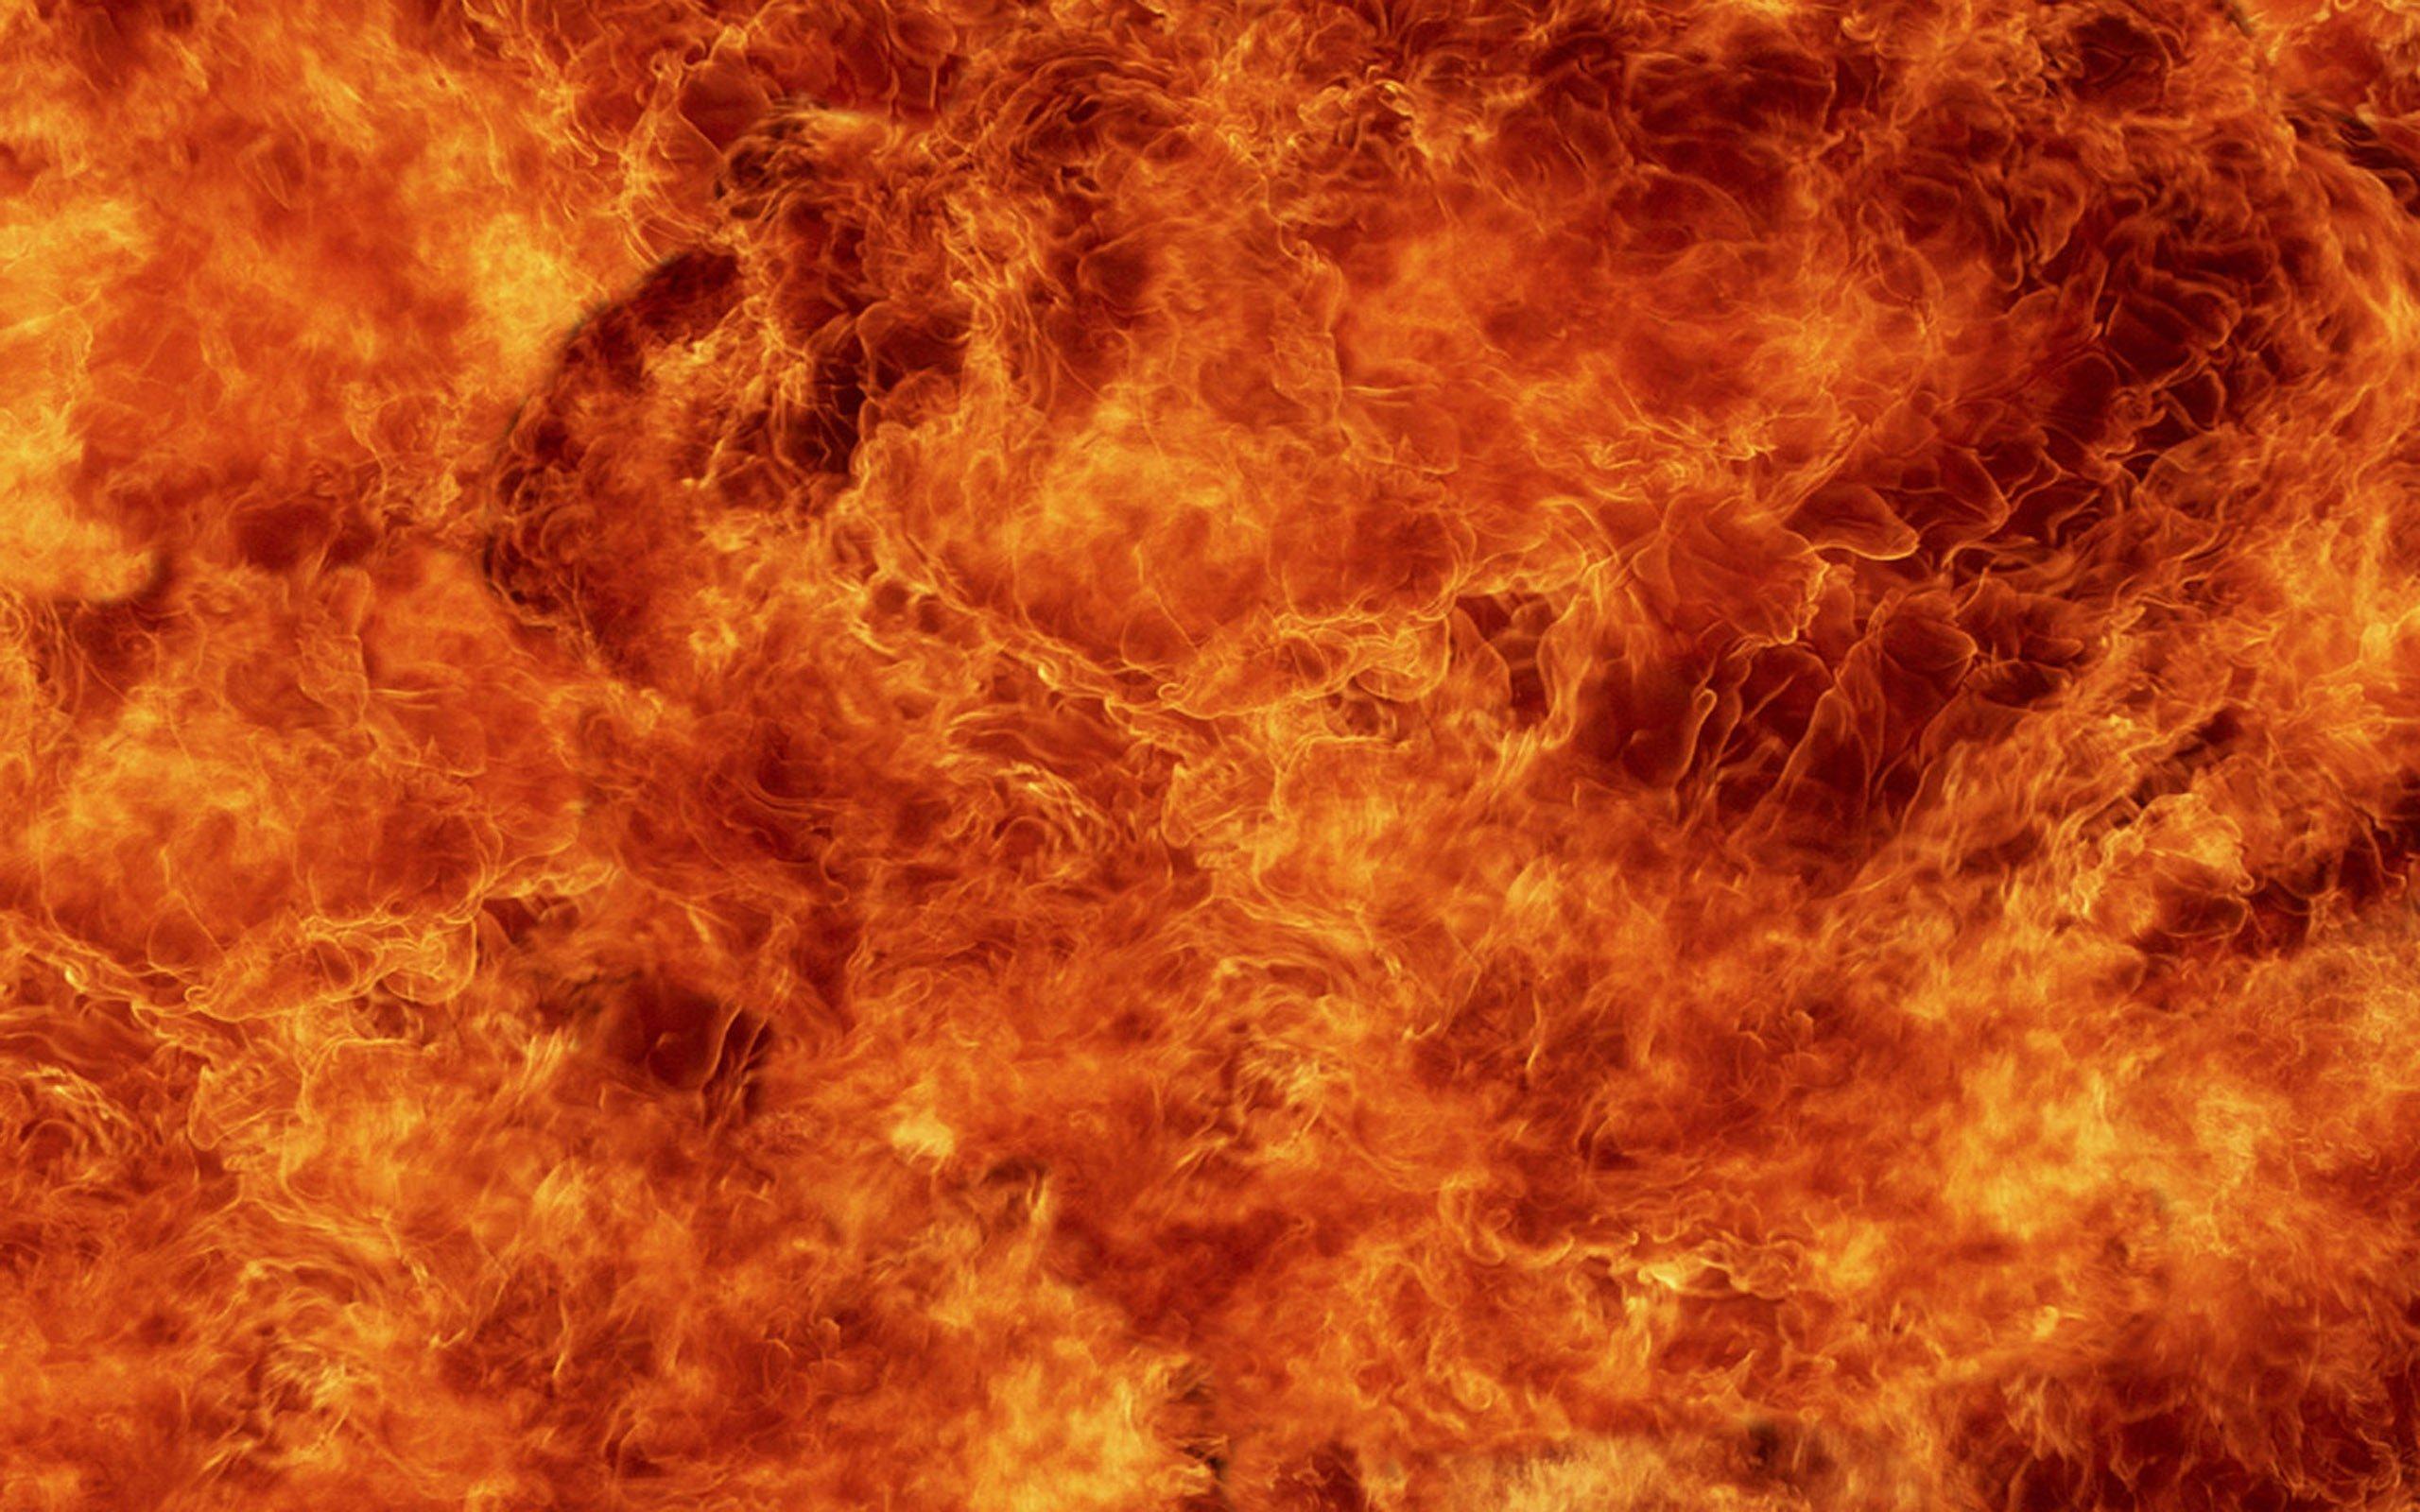 Пламя, огонь, огнище, обои hd